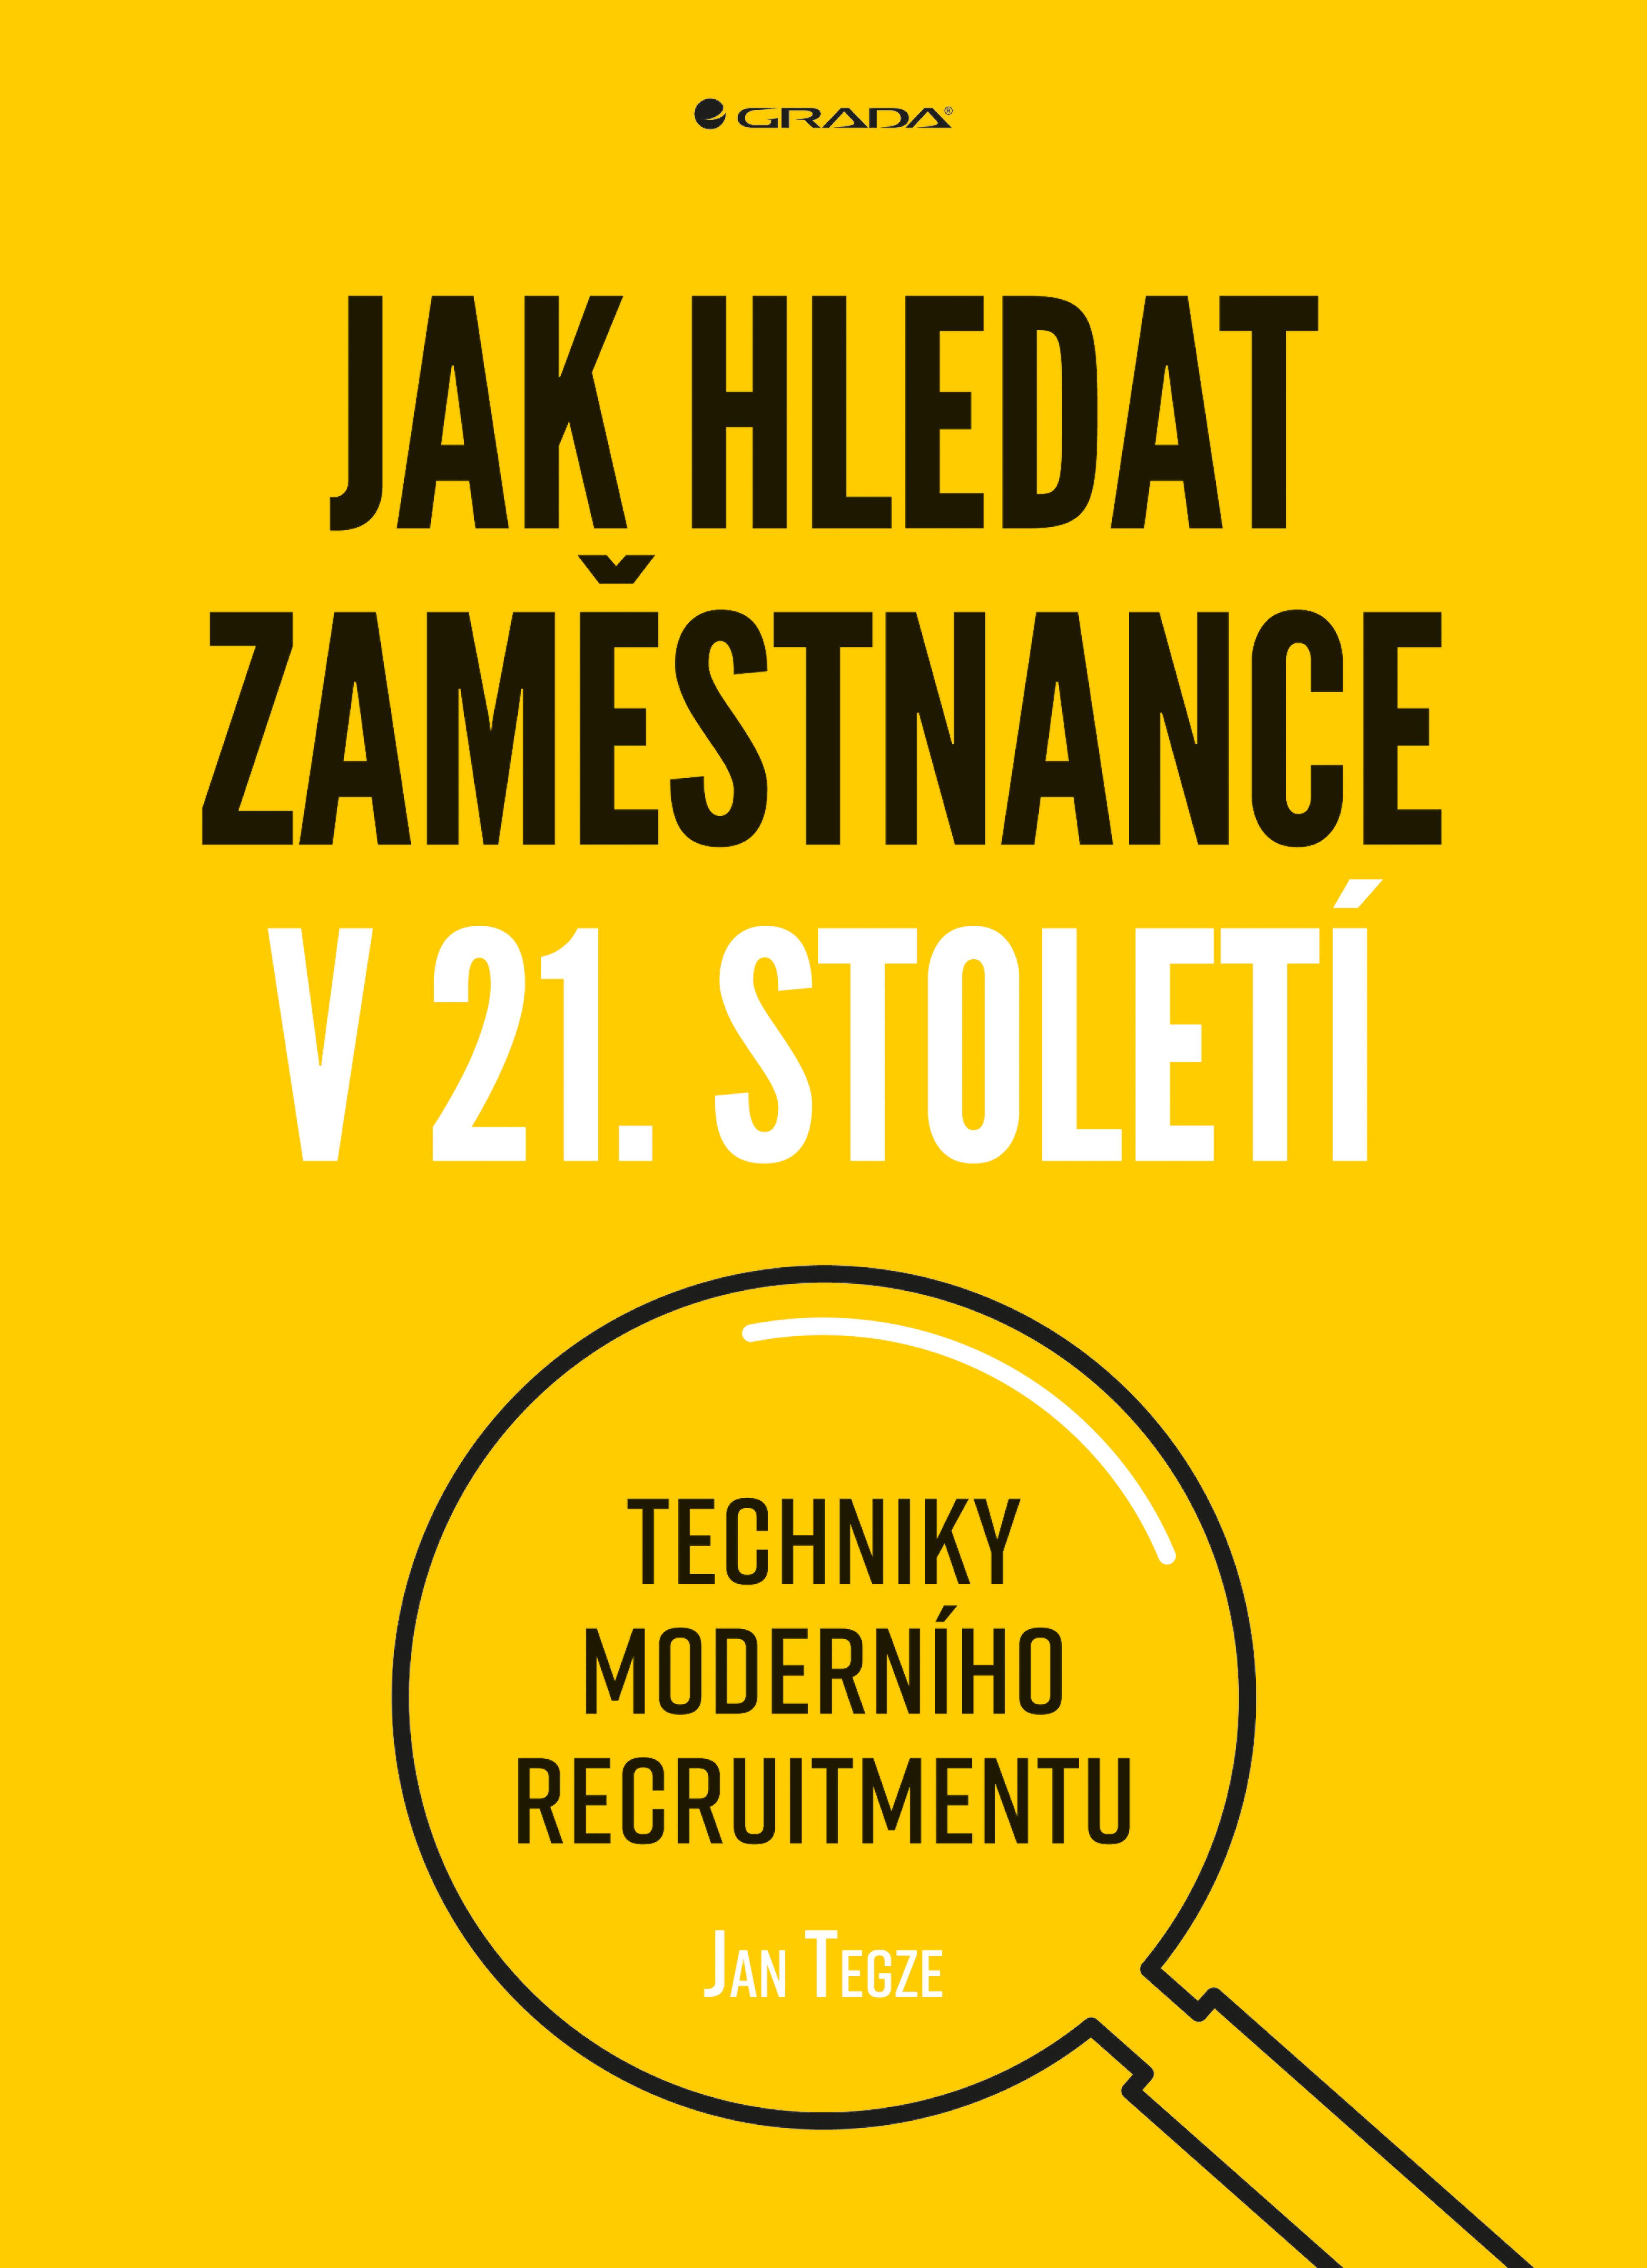 Jak hledat zaměstnance v 21. století, Techniky moderního recruitmentu